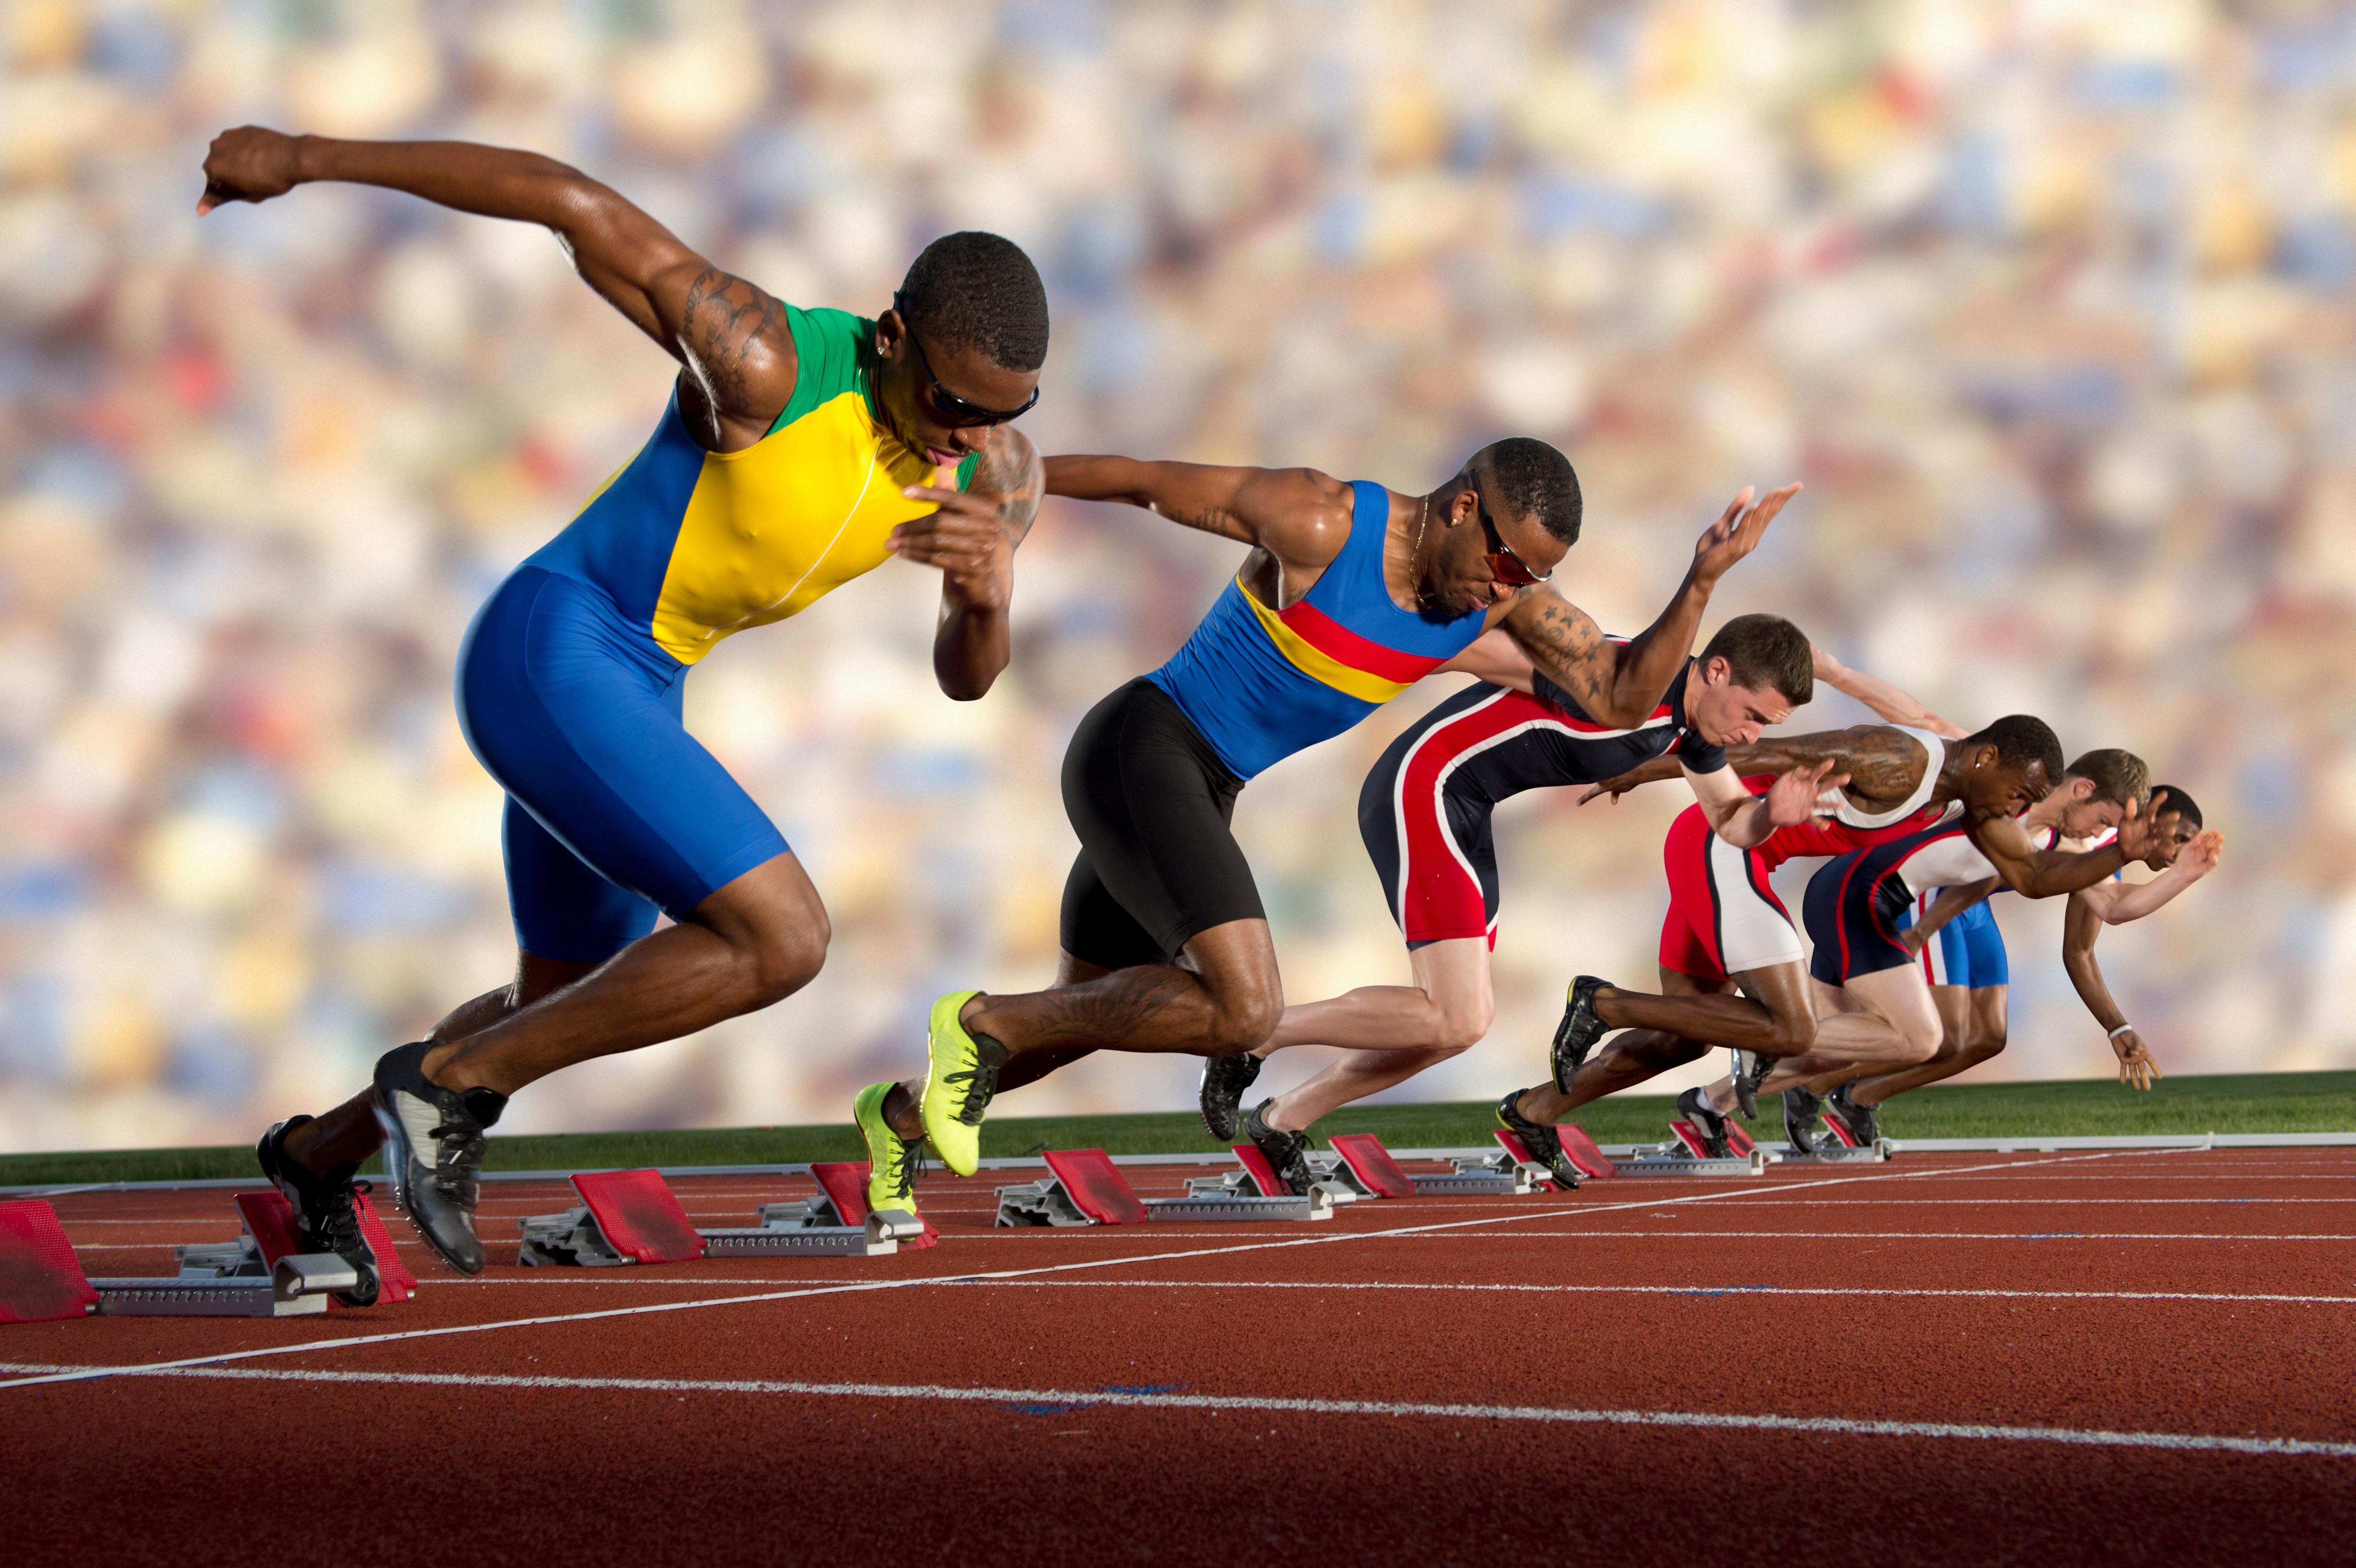 Decizie istorica. Atletii transsexuali vor putea participa la Jocurile Olimpice fara sa aiba operatie de schimbare de sex